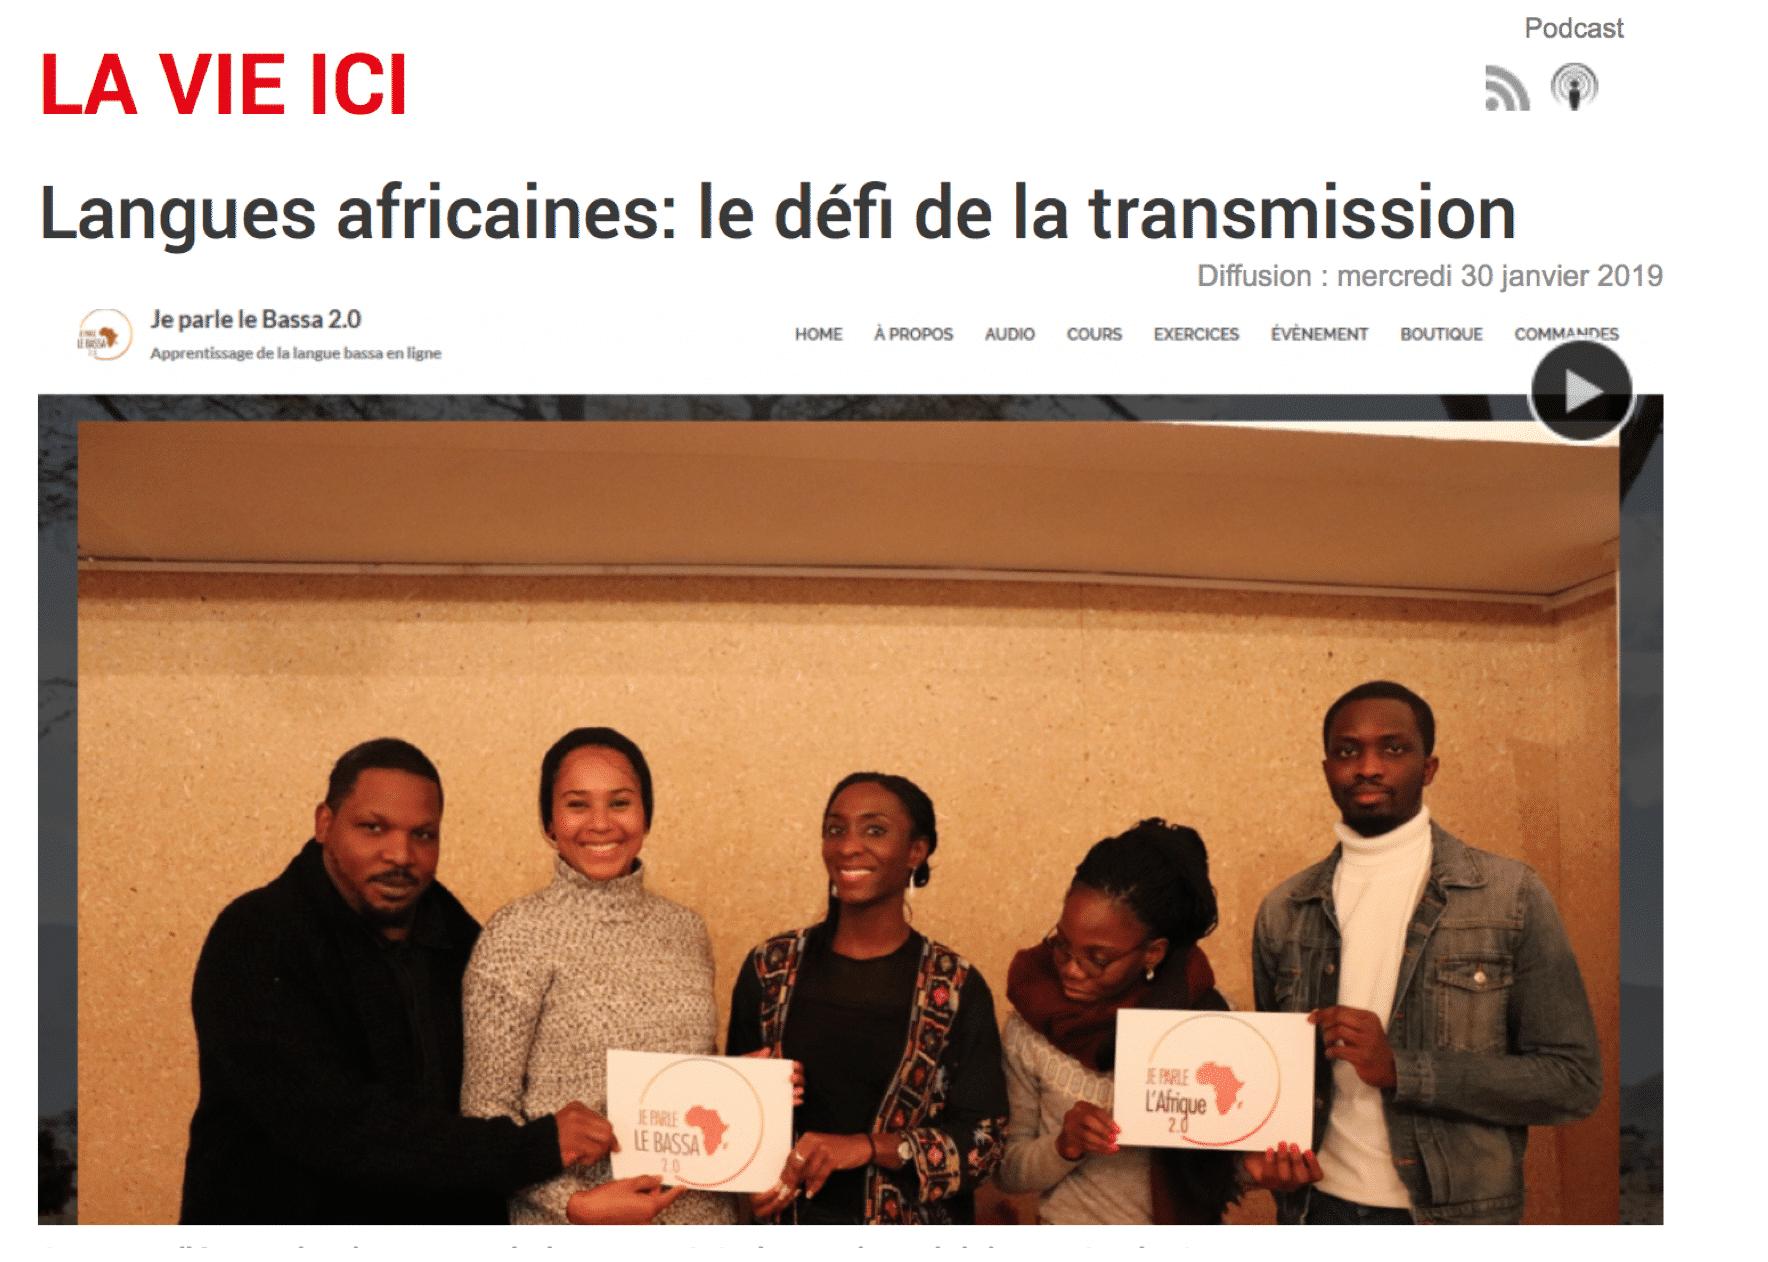 Langues africaines: le défi de la transmission